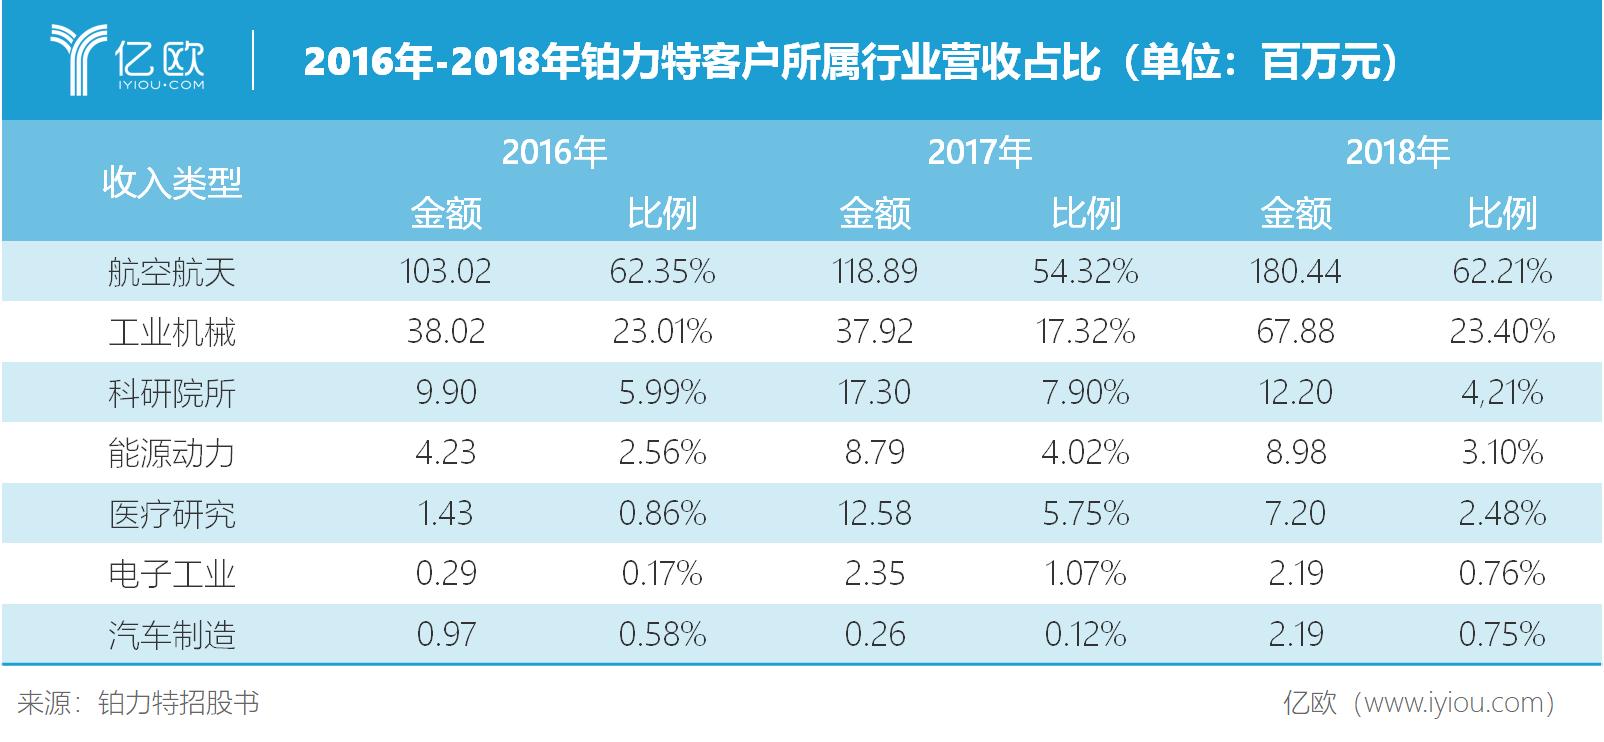 2016-2018年铂力特客户所属行业营收占比